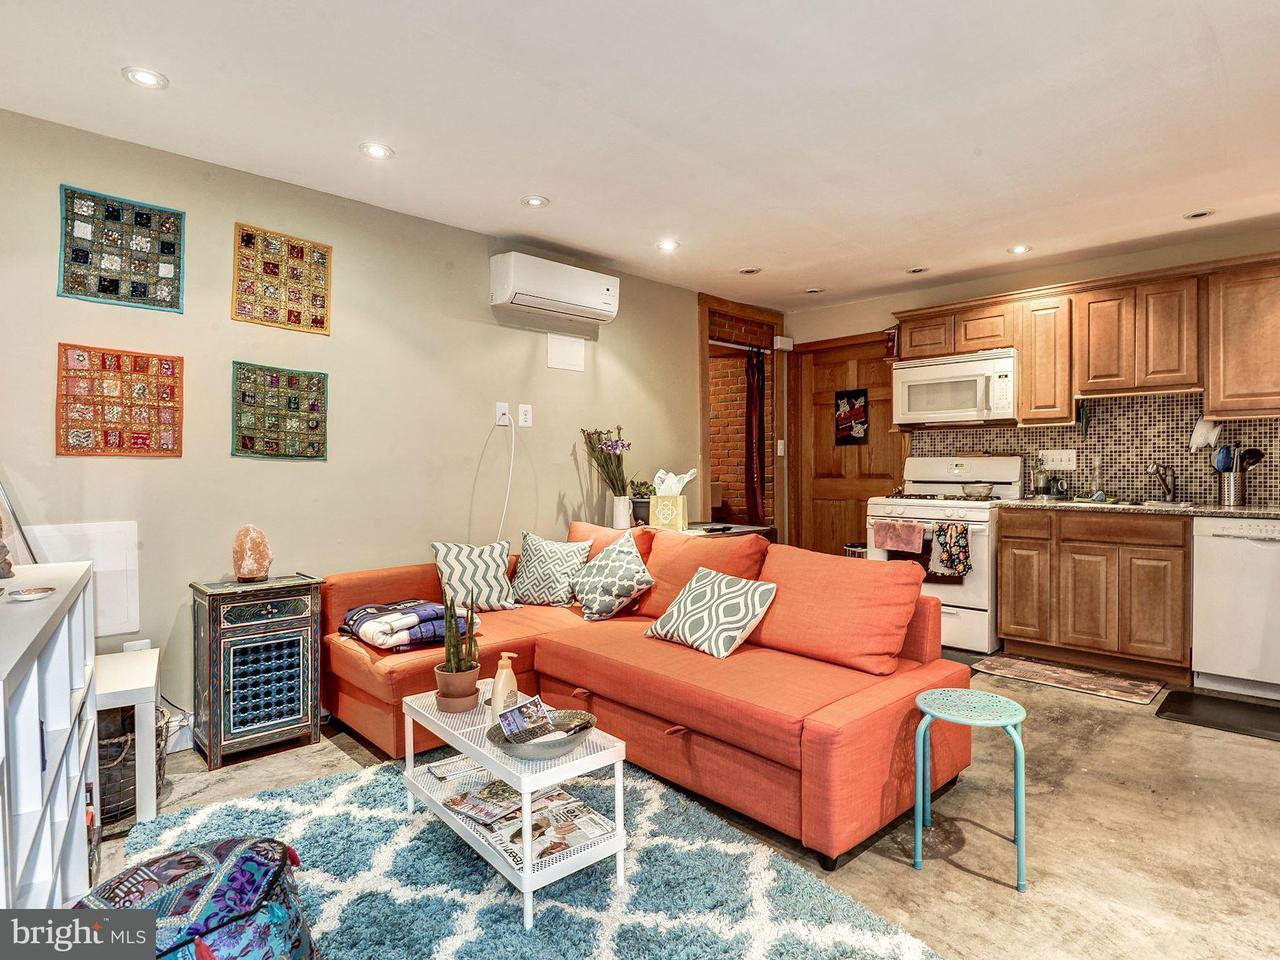 Additional photo for property listing at 1933 Park Rd Nw 1933 Park Rd Nw Washington, Distrito De Columbia 20010 Estados Unidos